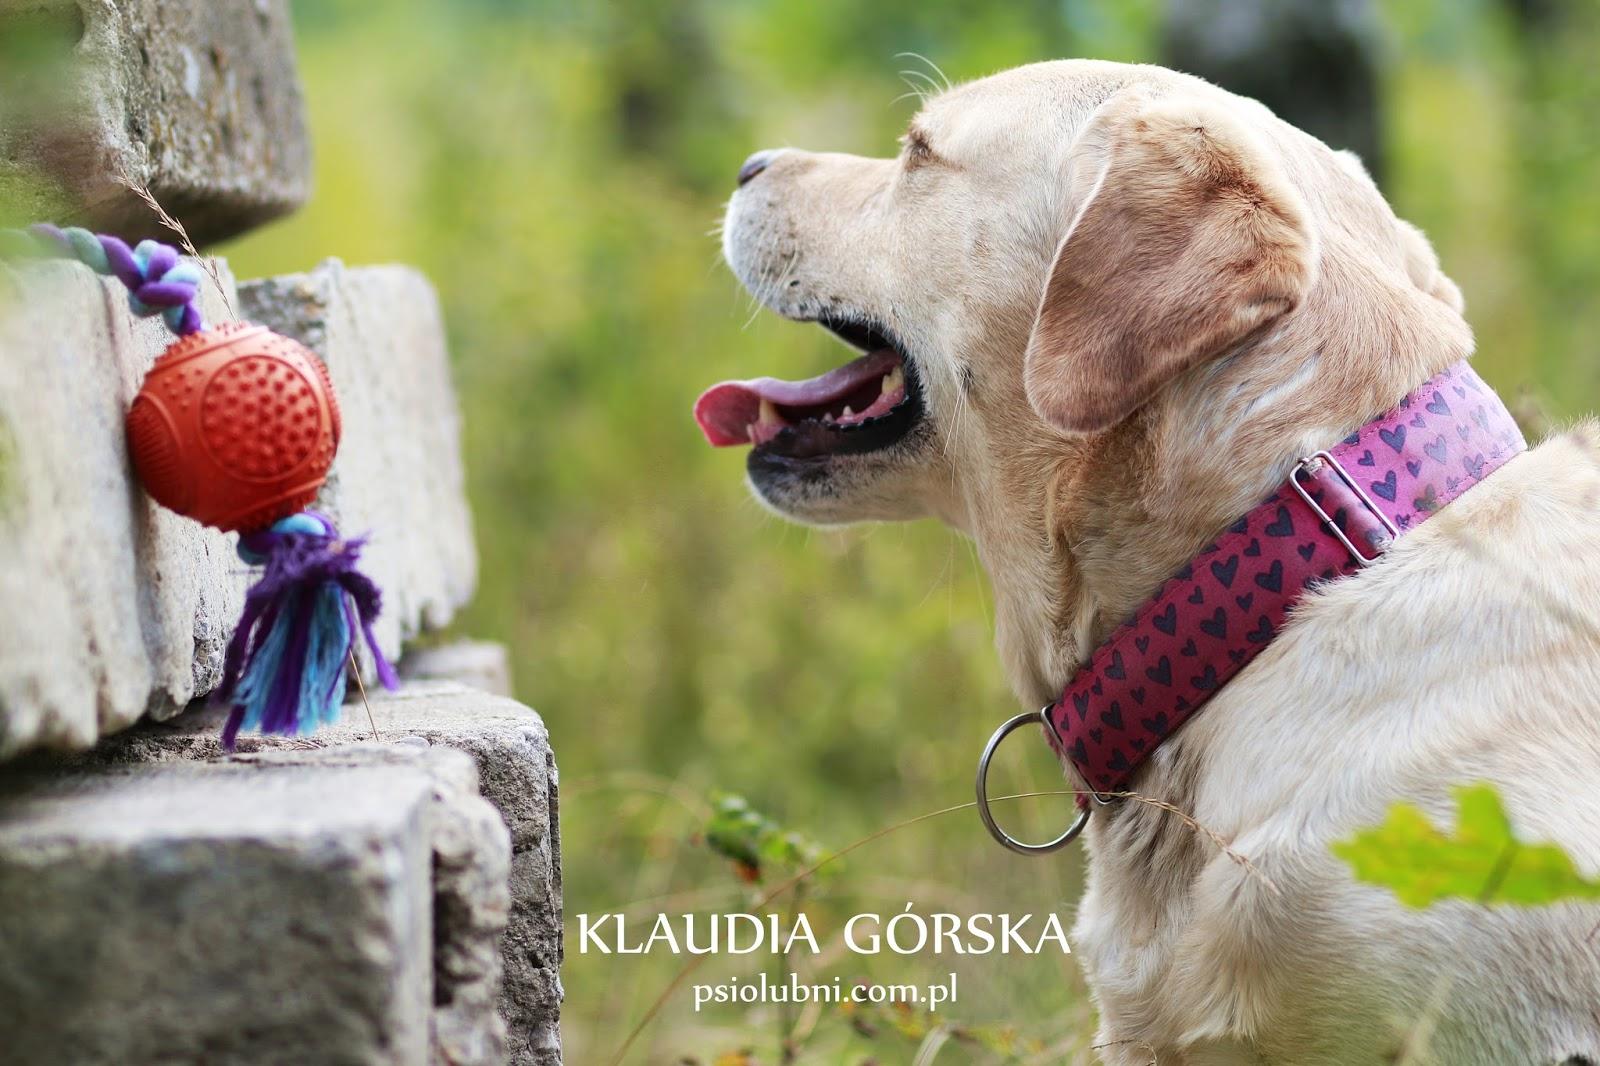 Jouet Dental Ball corde, zolux, naszezoo, zabawka dla psa, szarpak dla psa, piłka dla psa, pies, rasy psów, labrador retriever, labrador biszkoptowy, zkwp, psiolubni,